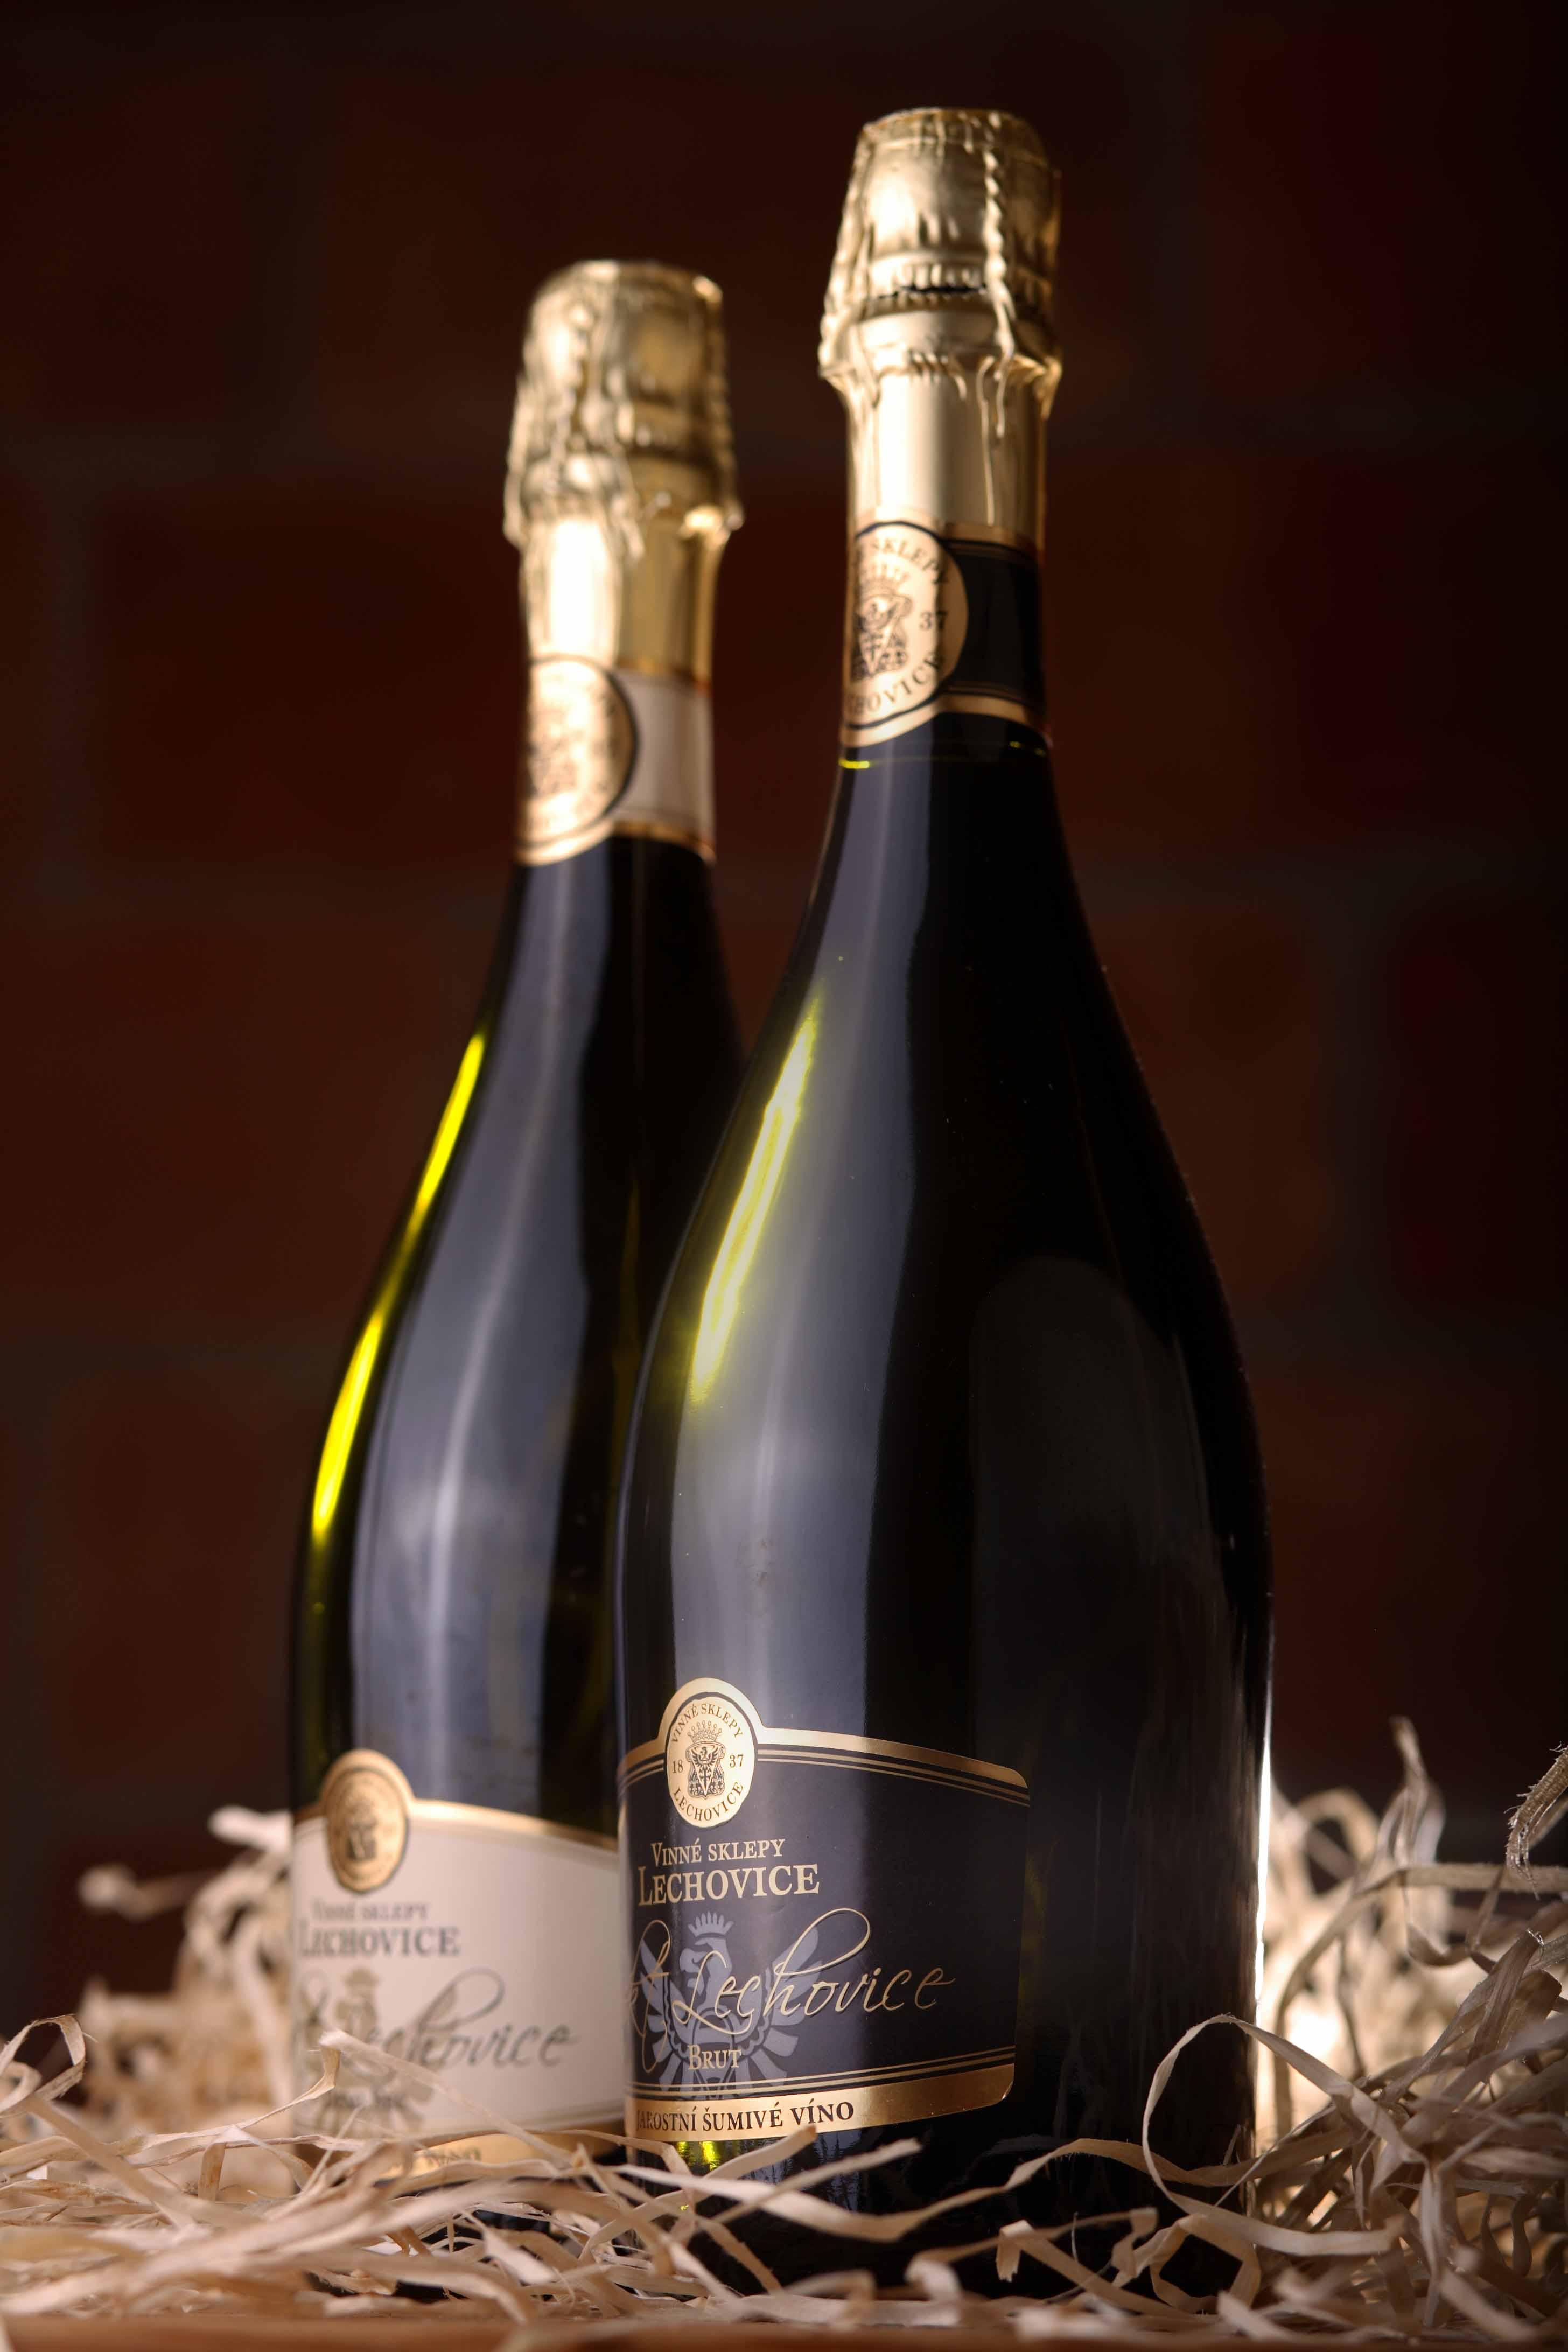 Vinné sklepy Lechovice Sekty vlastní produkce